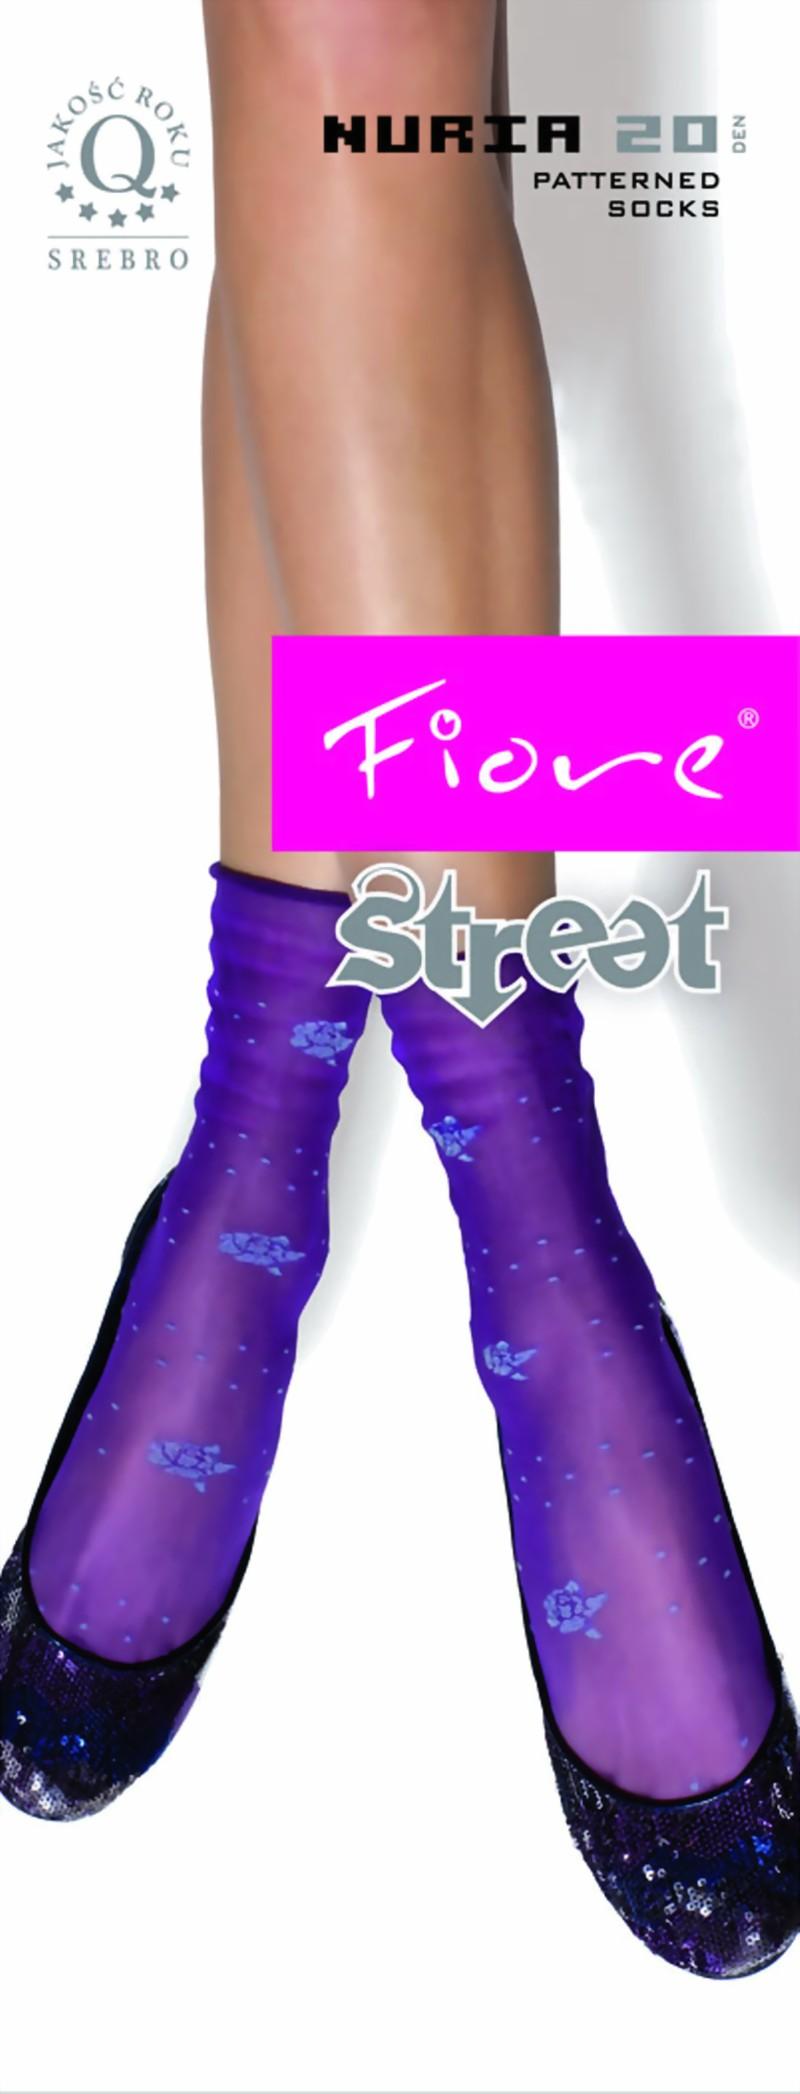 a8178851923d4 Fiore - Barevný květinový vzor ponožky Nuria 20 denier ✅